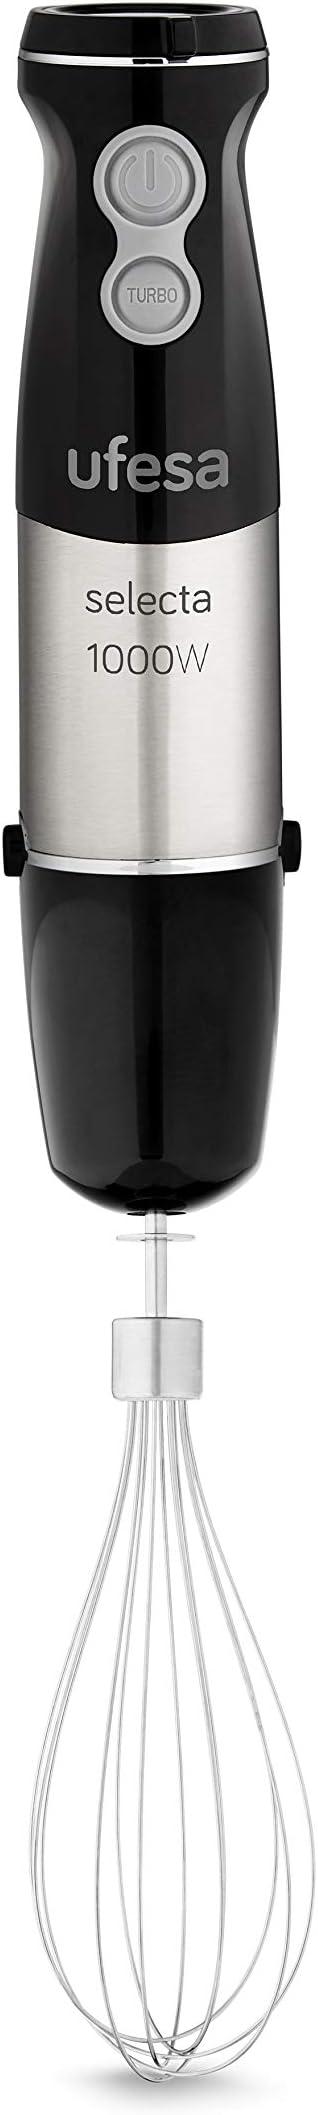 Ufesa Batidora de Varillas BP4571 Selecta con Accesorios, 1000 W, Negro y Acero, 20 velocidades y Turbo: Amazon.es: Hogar